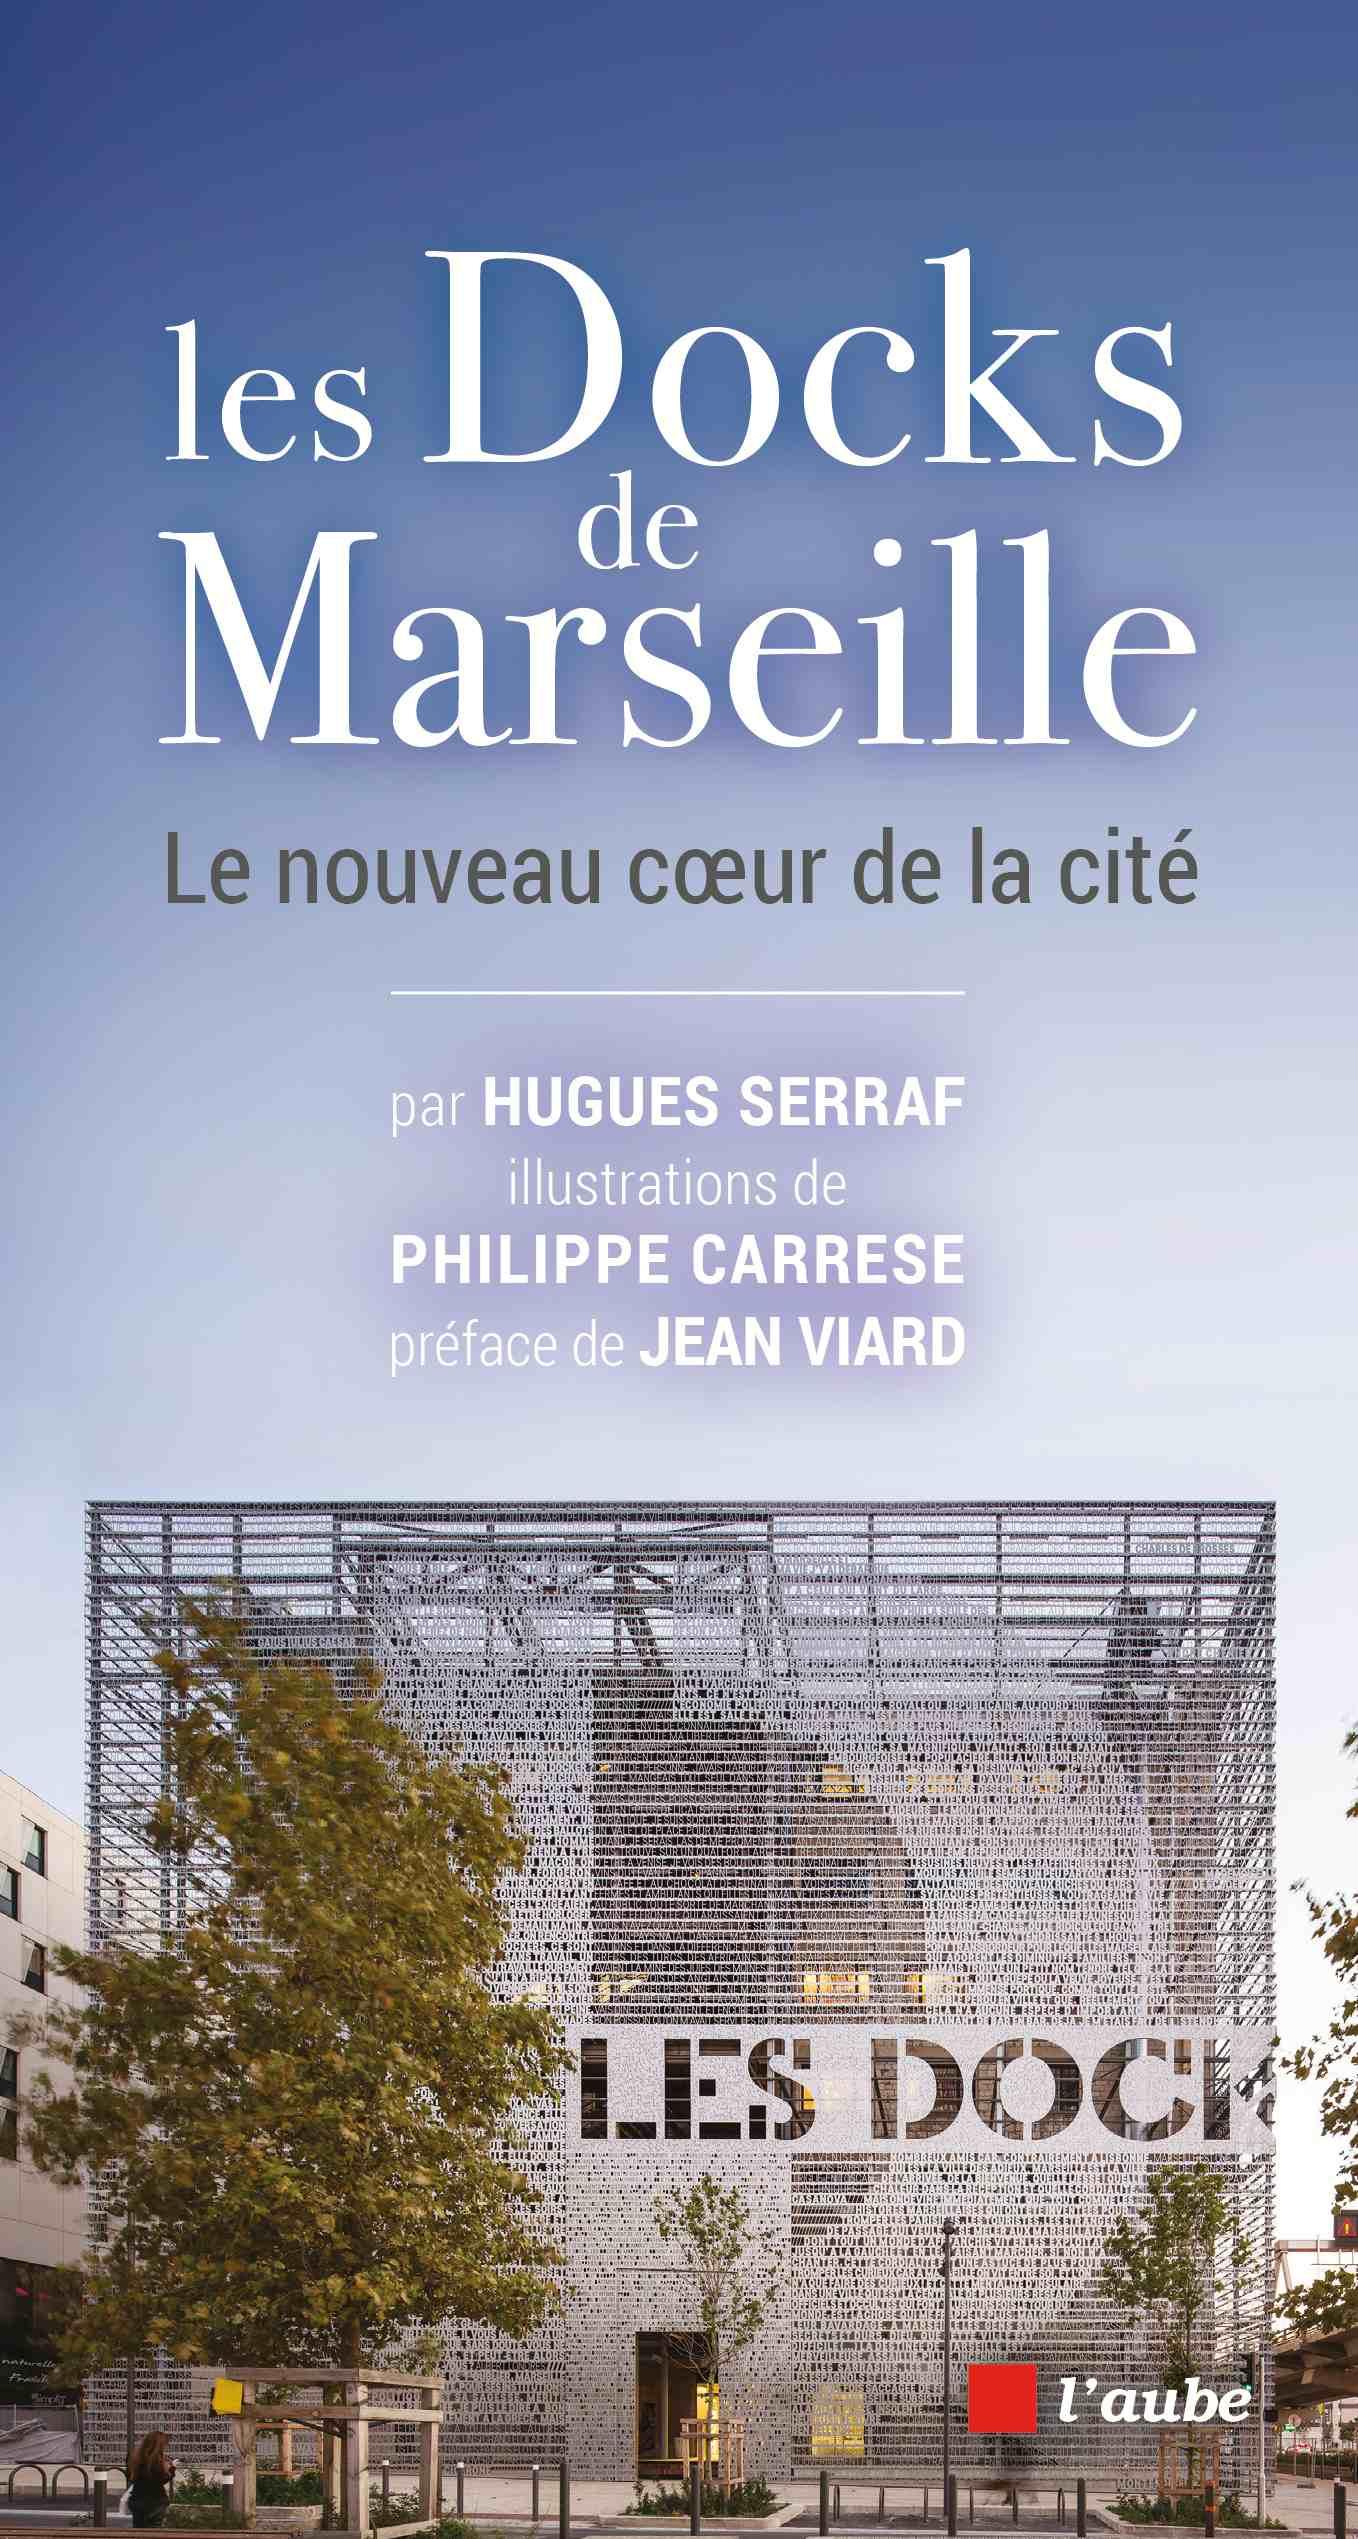 Les Docks de Marseille